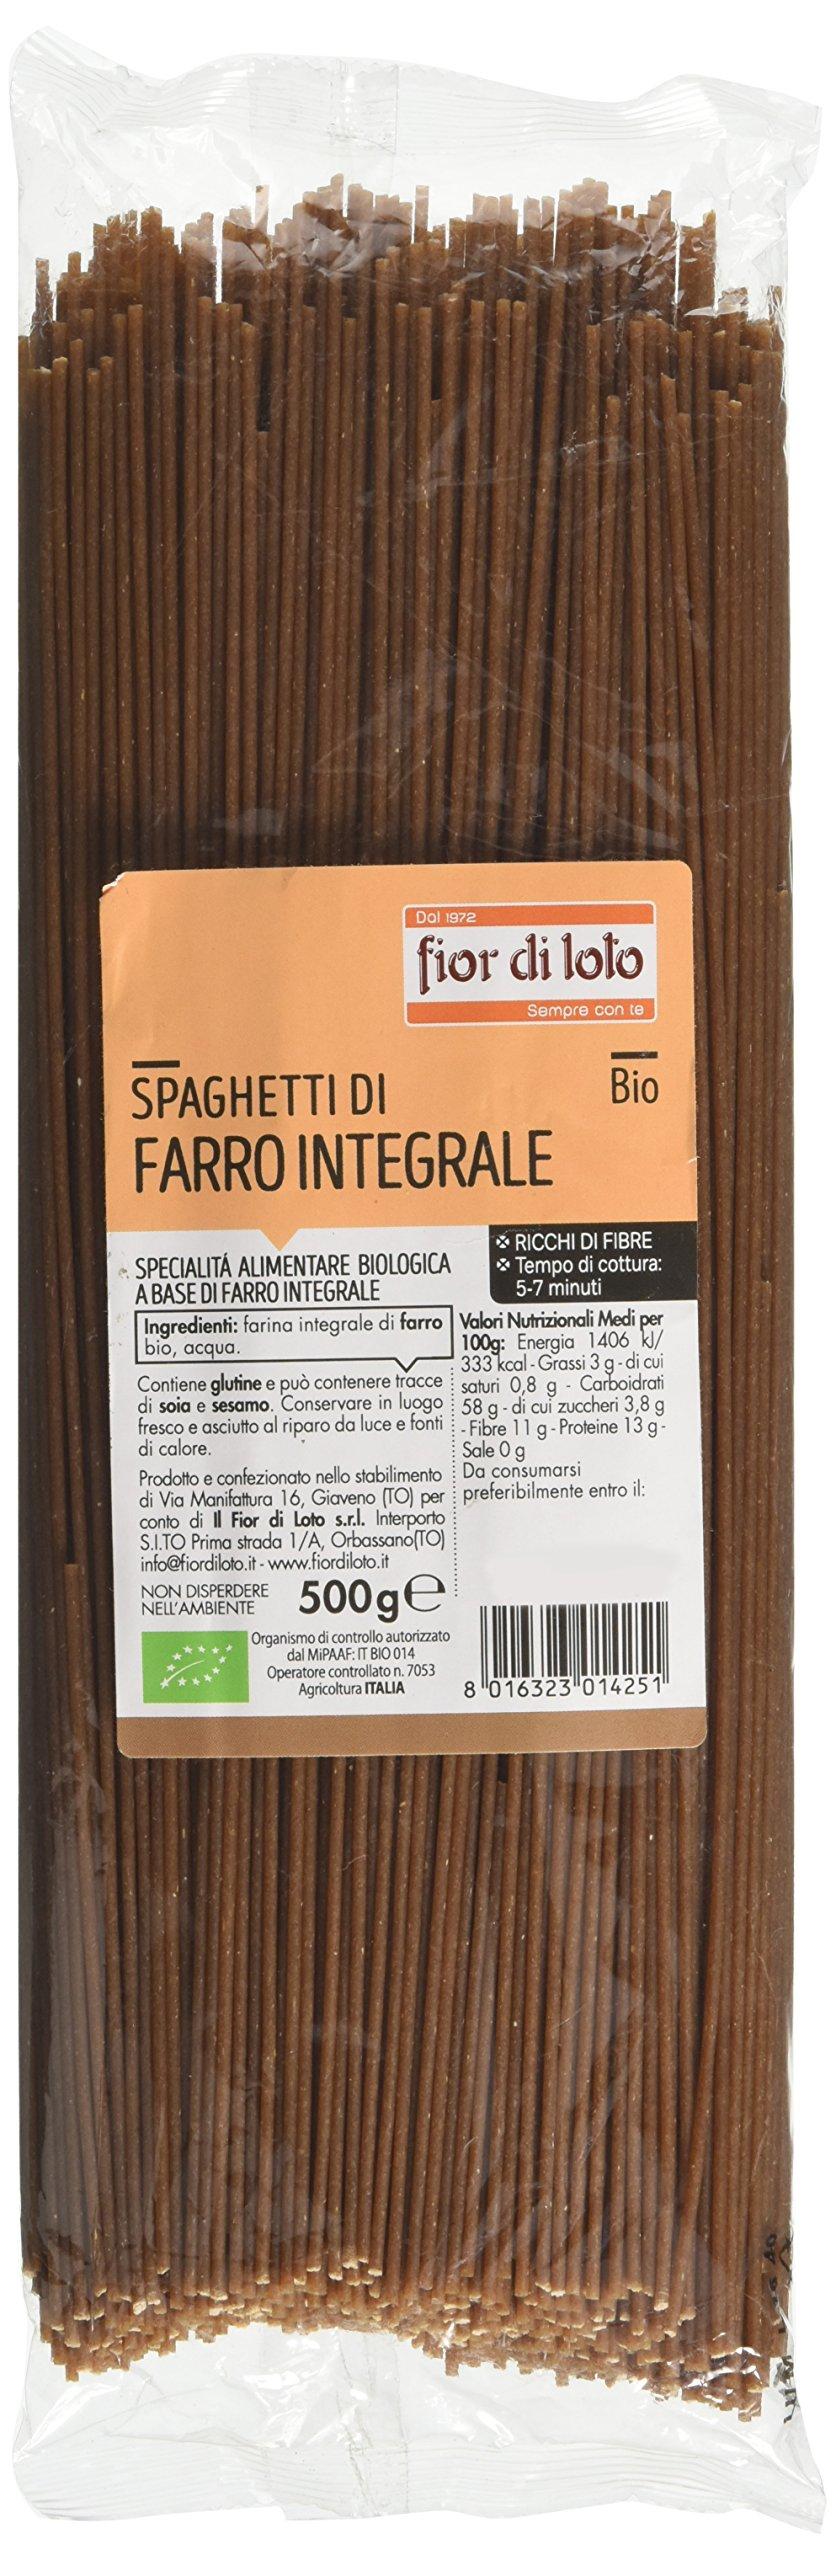 Fior di Loto Spaghetti di Farro Integrale - 500 gr